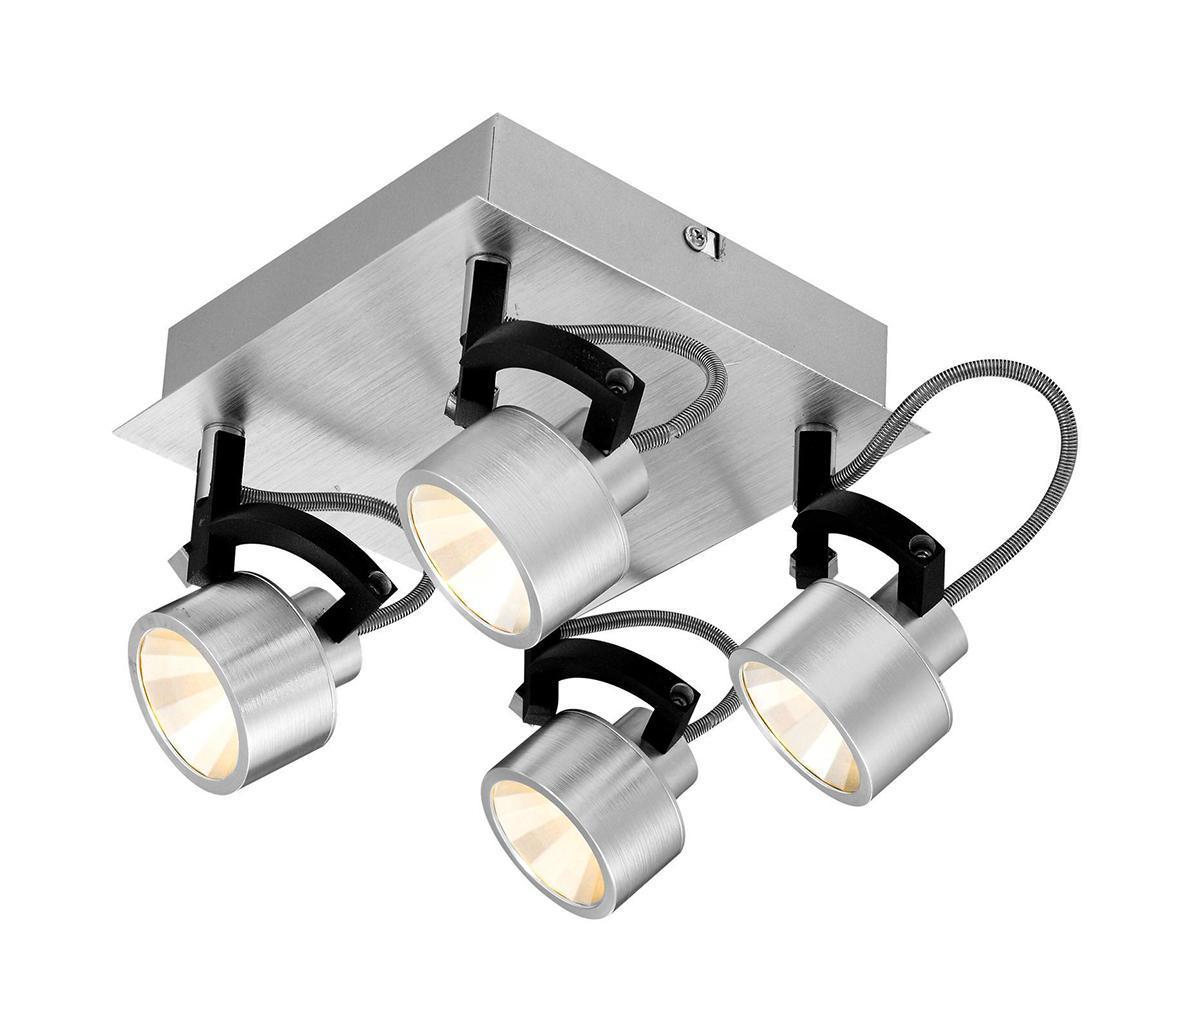 56947-4 Настенно-потолочный светильник HALEY56947-4Спот Globo 56947-4 из серии HALEY – потолочный светильник в стиле техно на металлической основе с пластиковыми плафонами